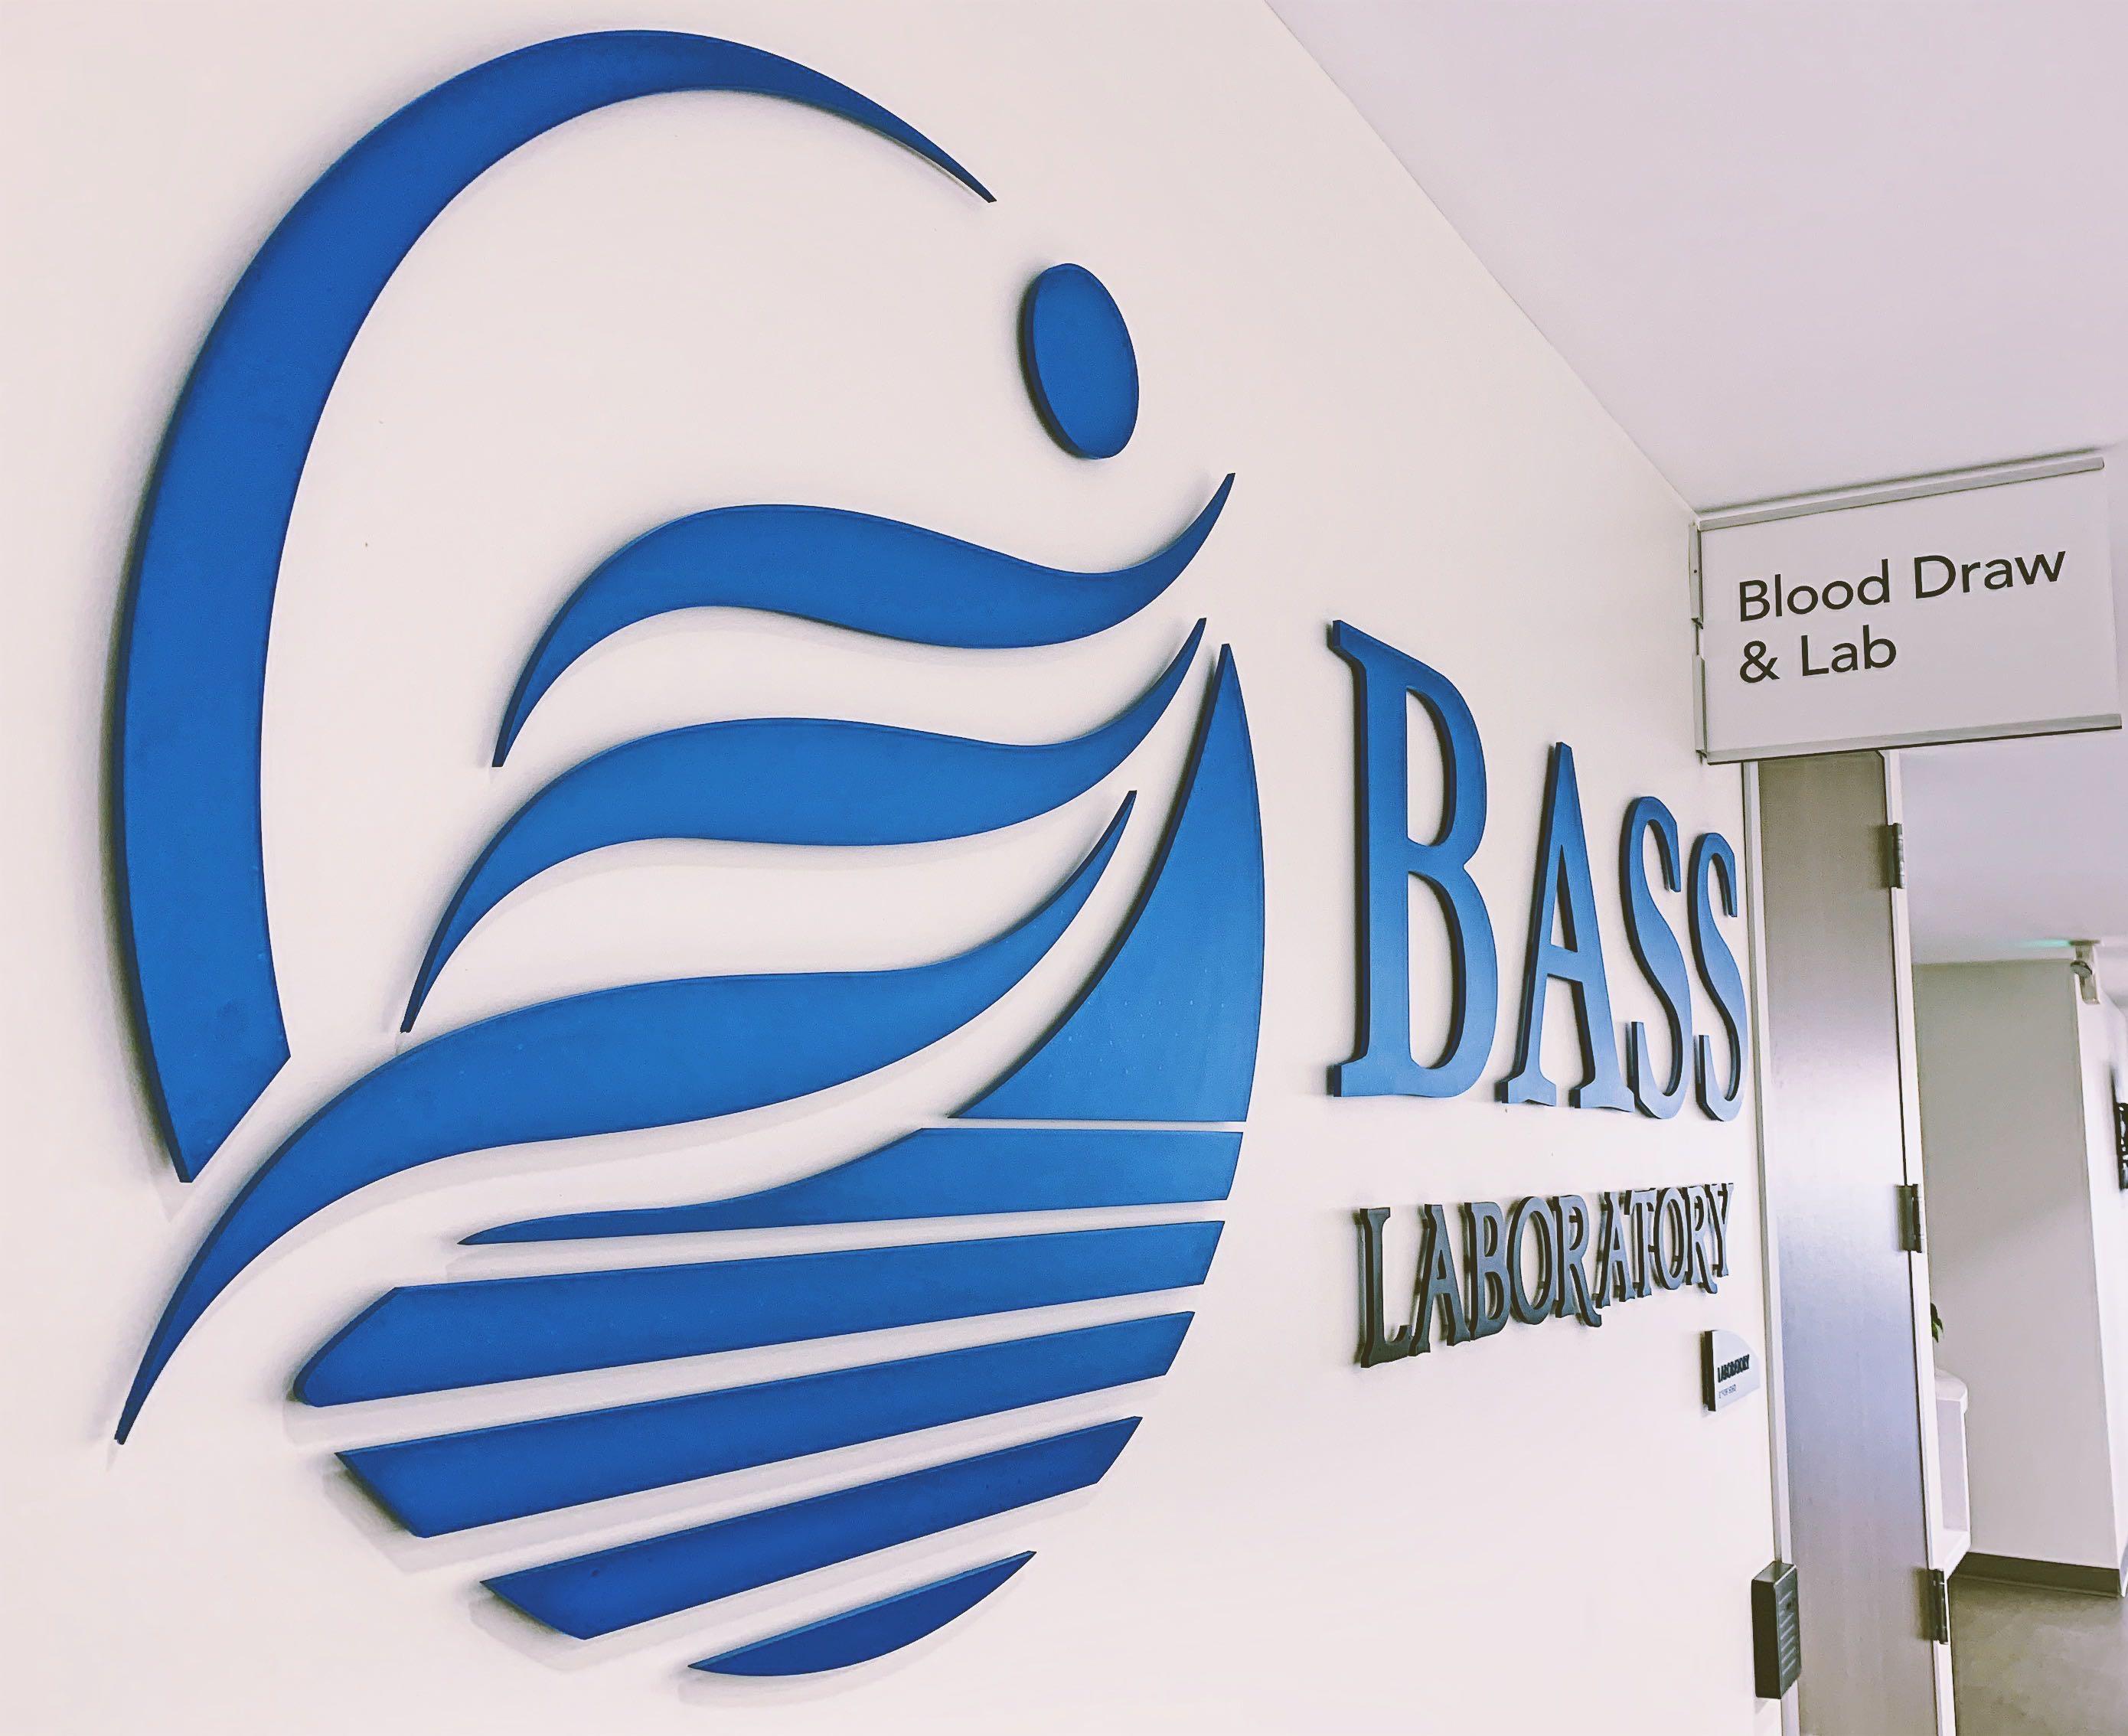 Bass Urgent Care Walnut Creek CA 94598